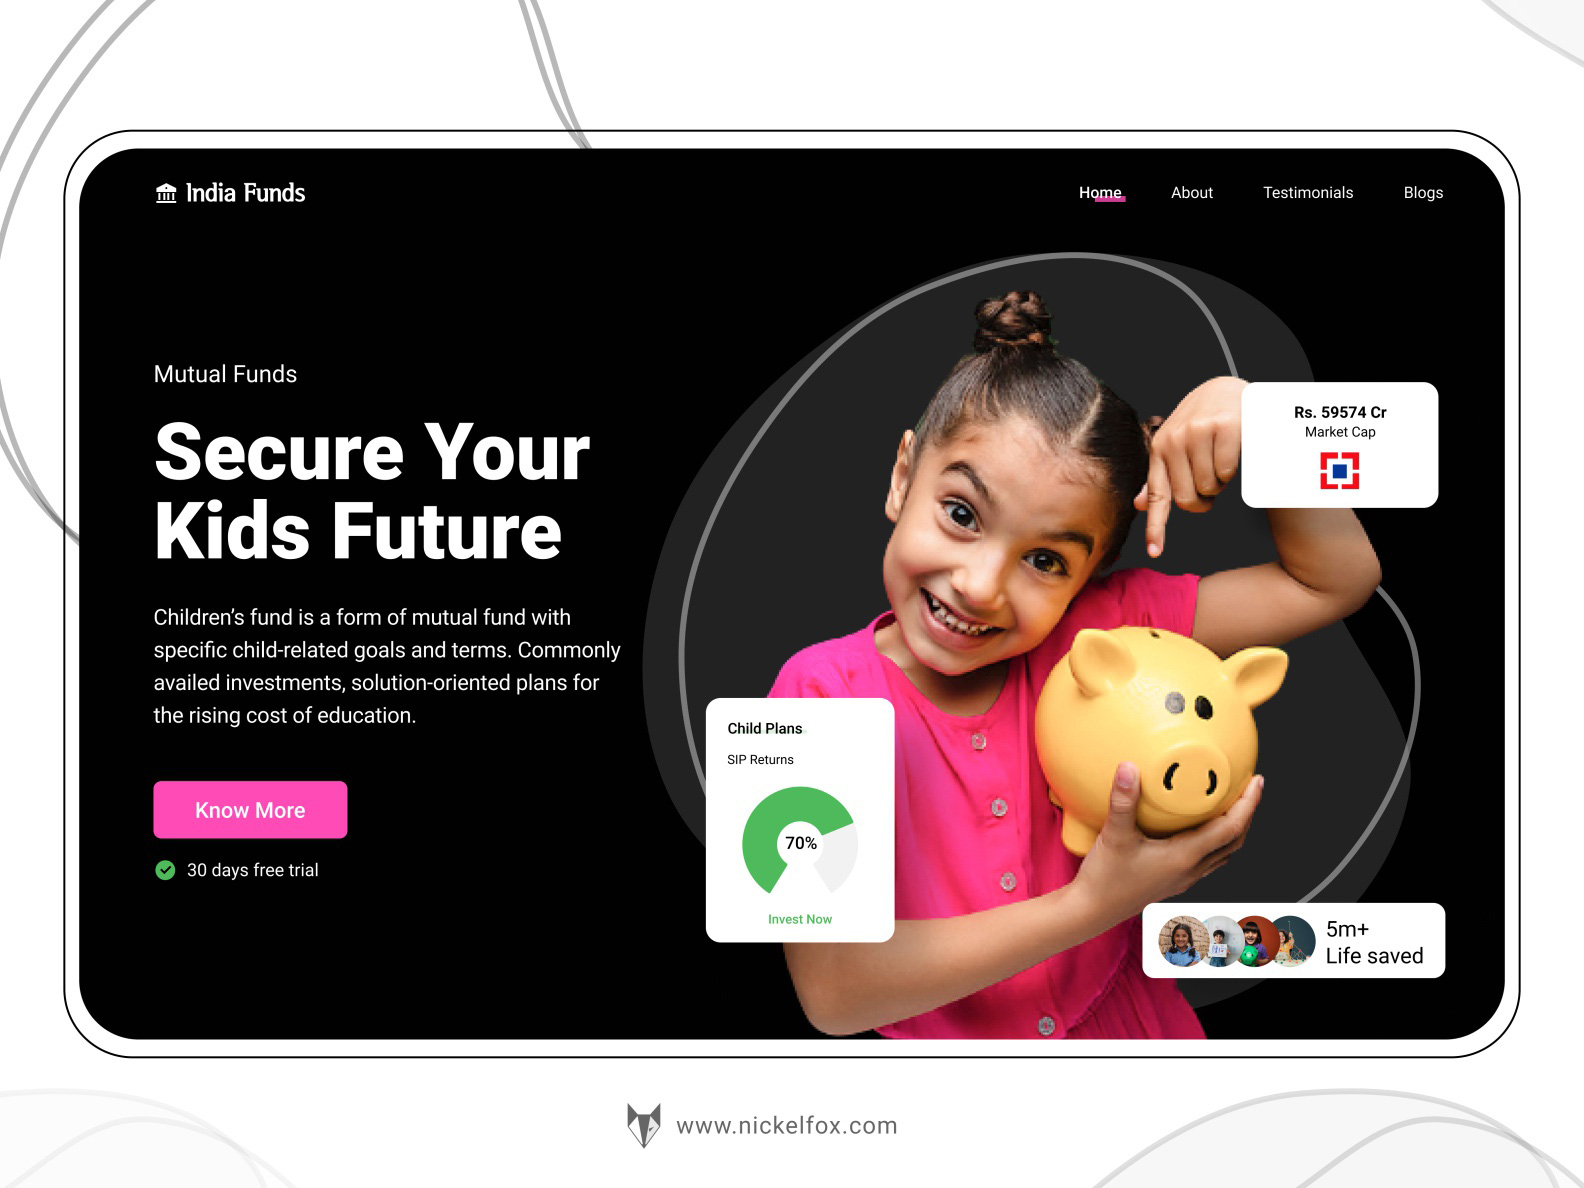 共同基金网站标题着陆页设计模板插图